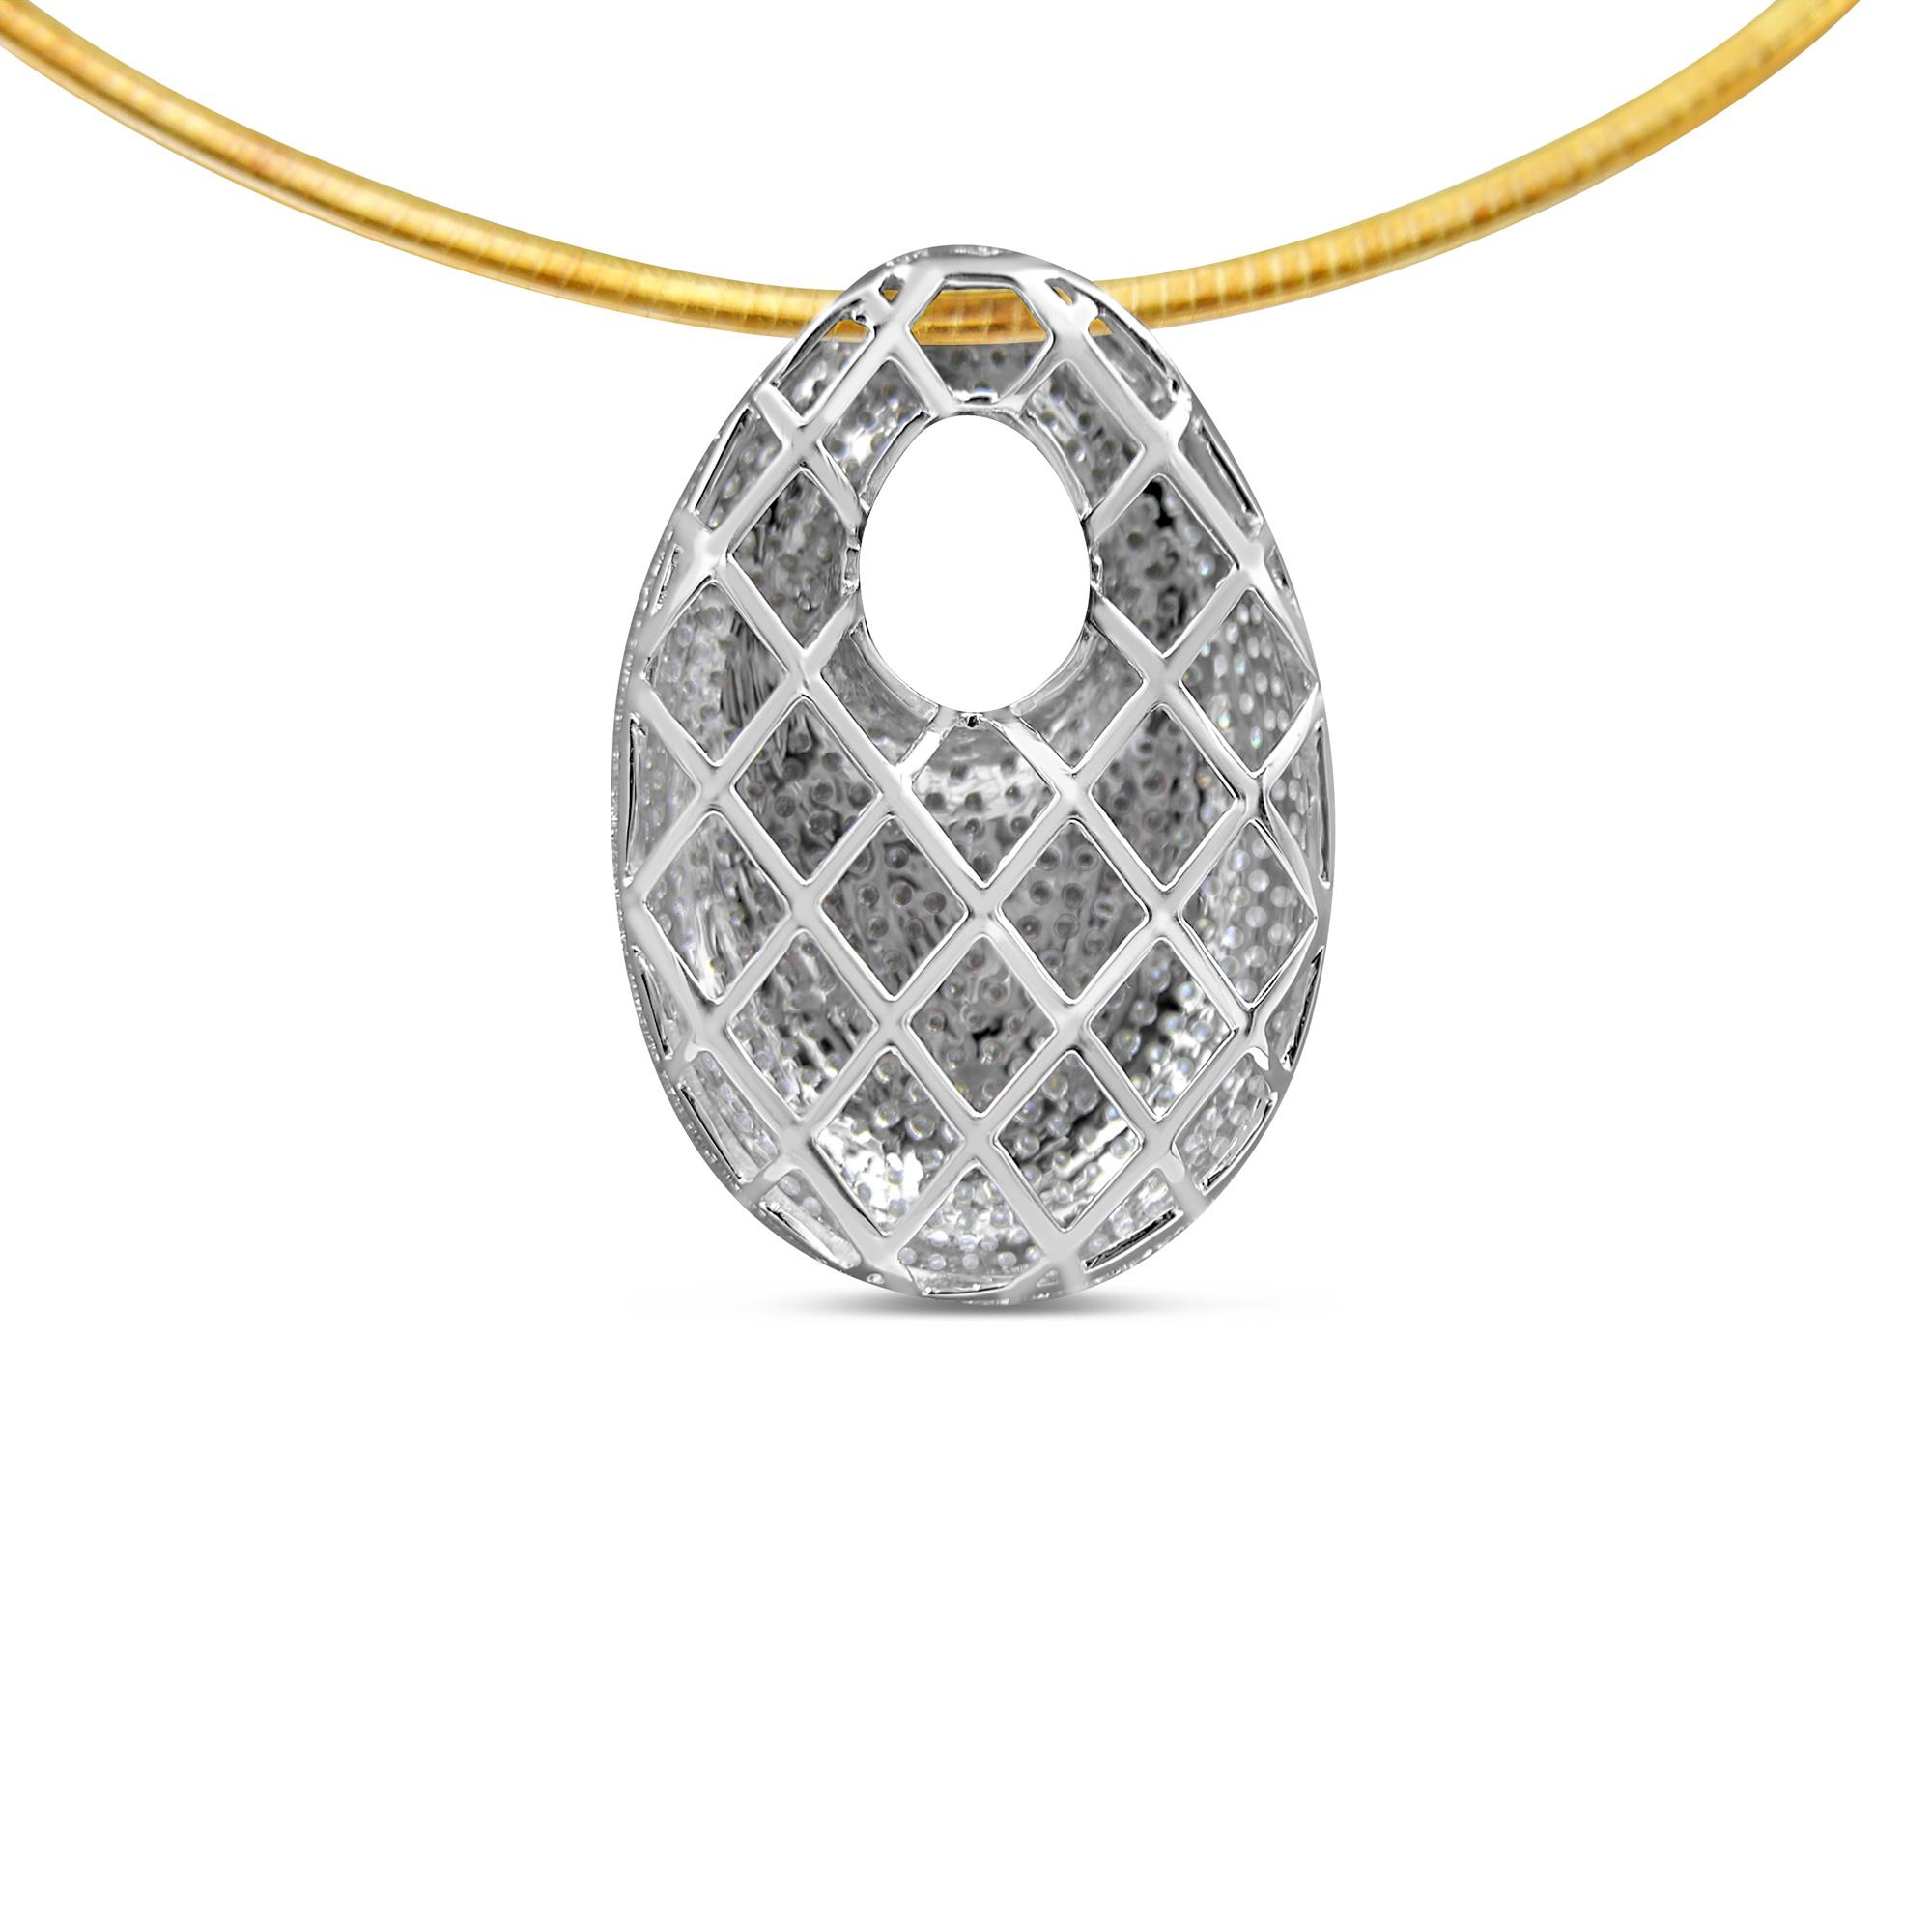 18kt wit goud hanger met 2.99 ct diamanten